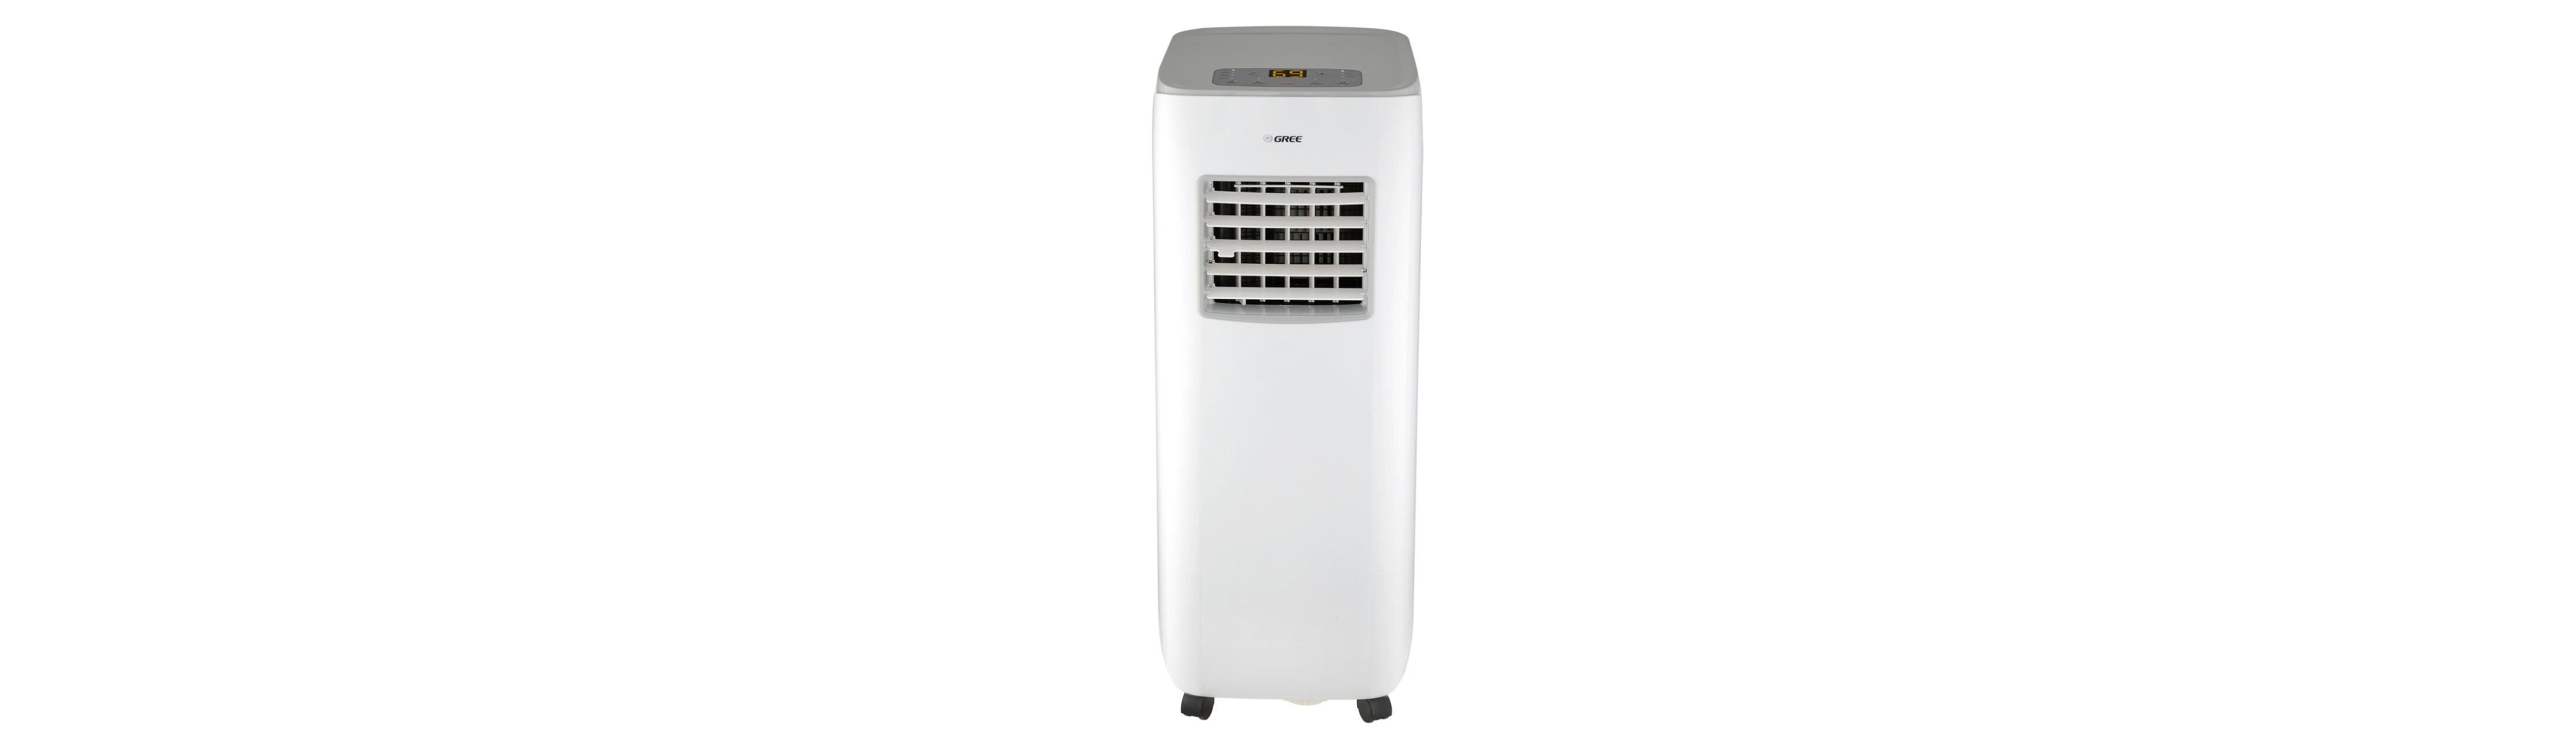 Điều hòa - Máy lạnh di động mini Gree GPC09AM-K6NNA1A - 1 HP, 1 chiều, Inverter